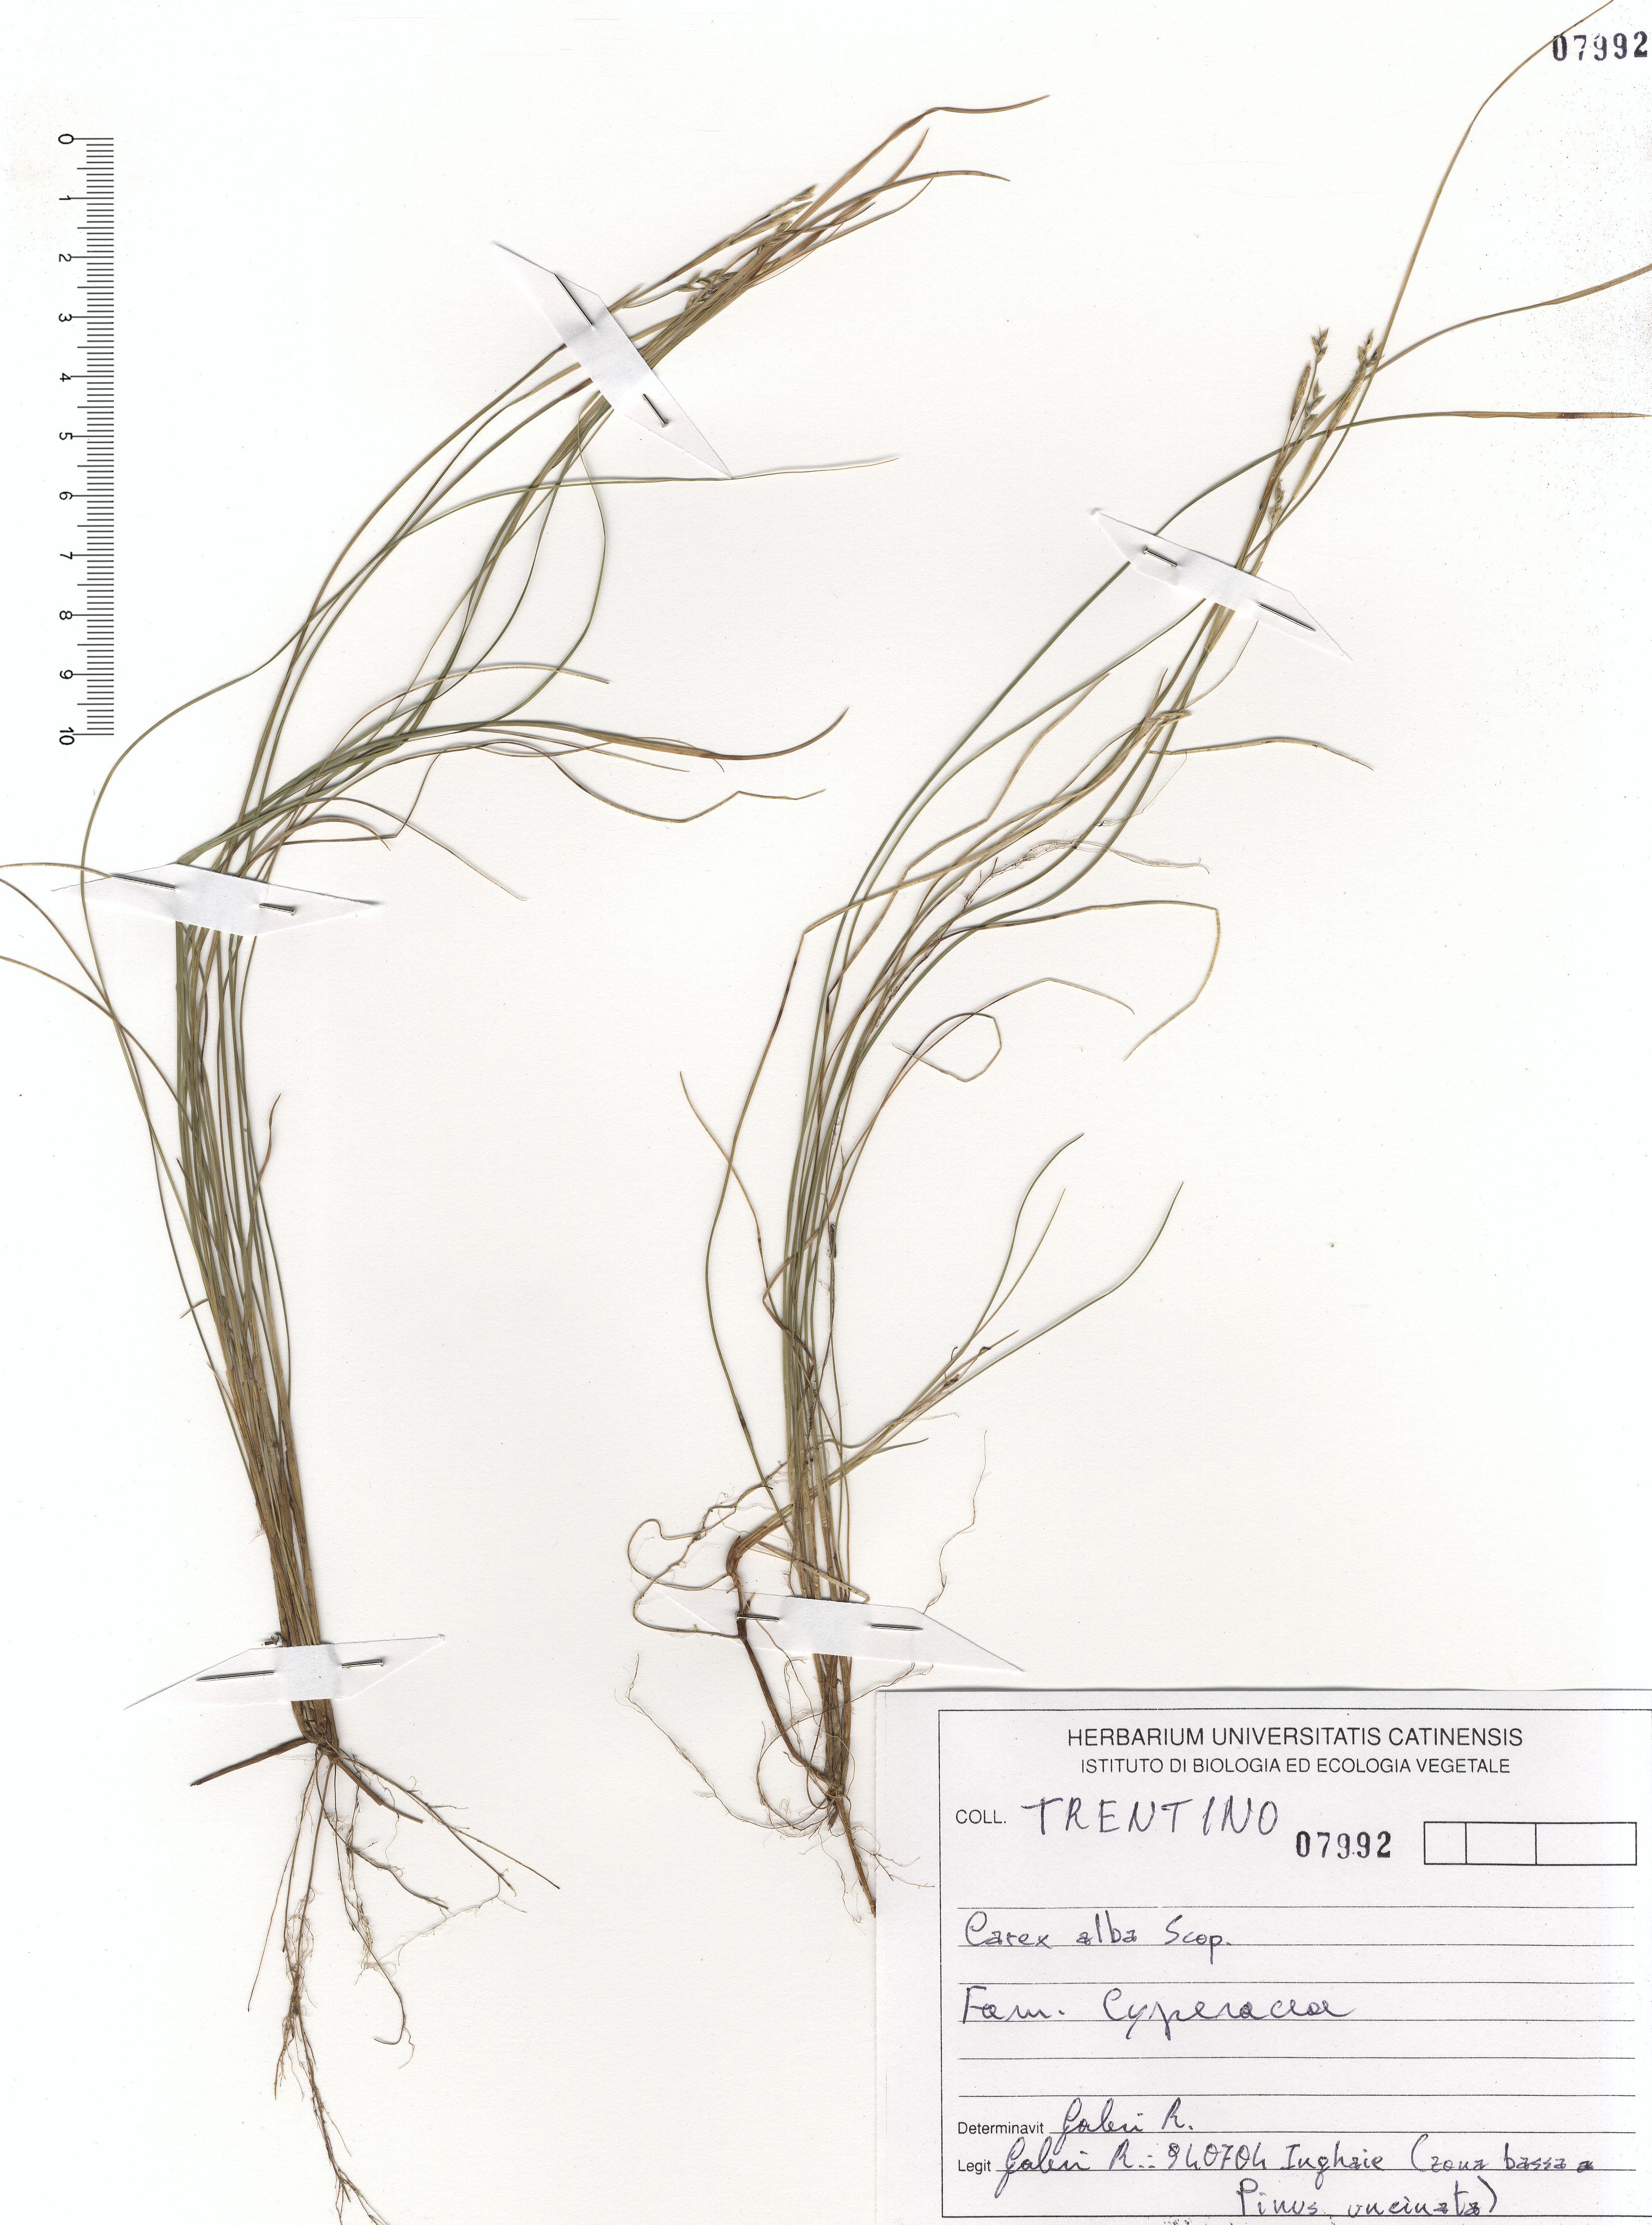 © Hortus Botanicus Catinensis - Herb. sheet 107992<br>